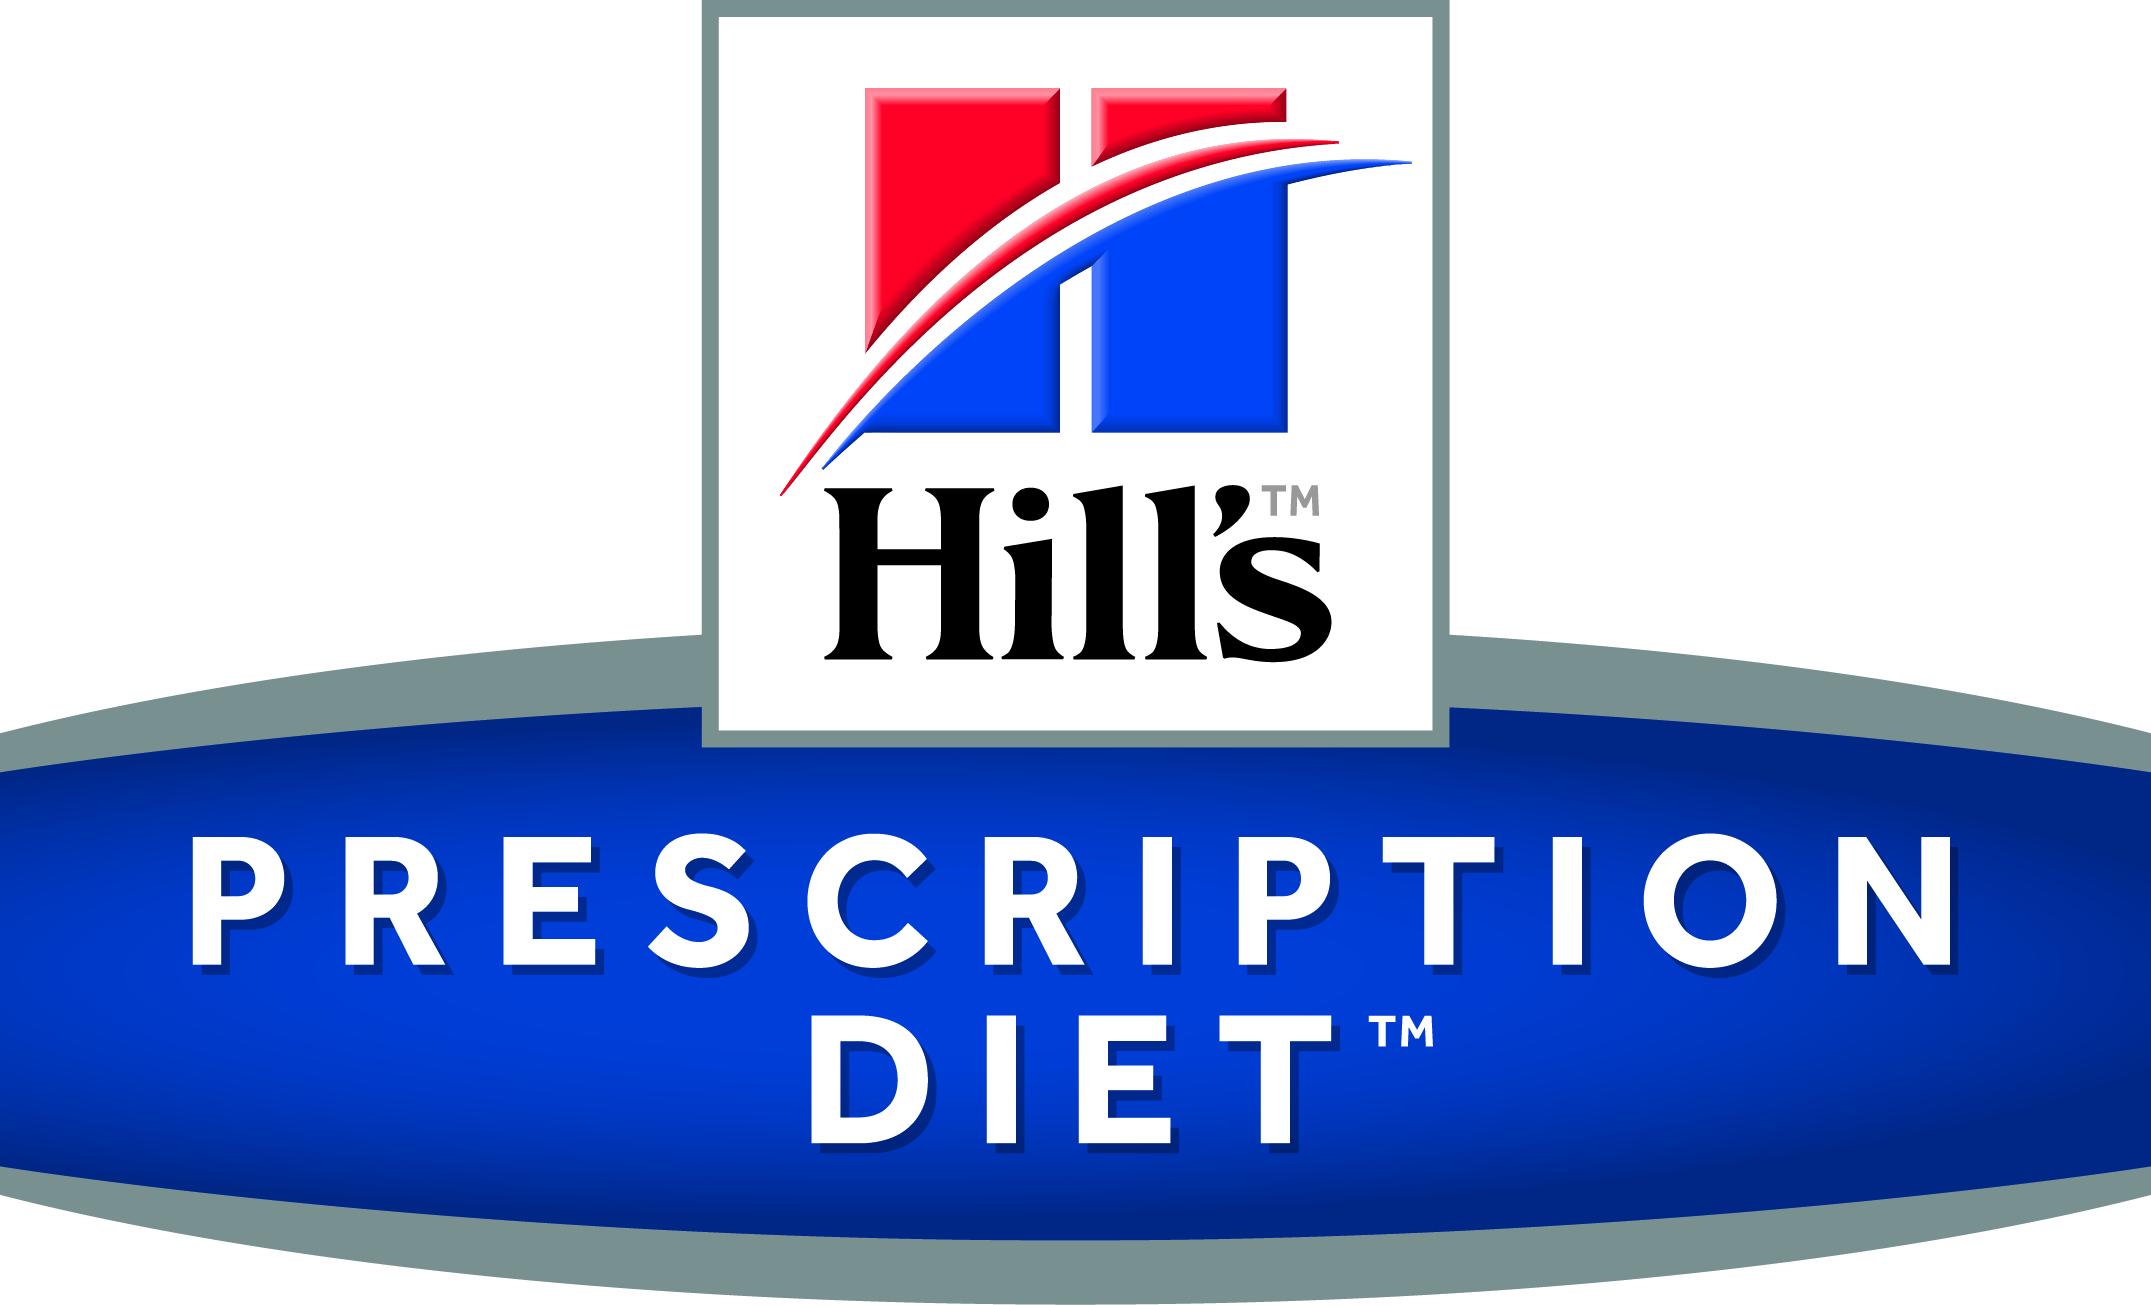 hills-diet-logo